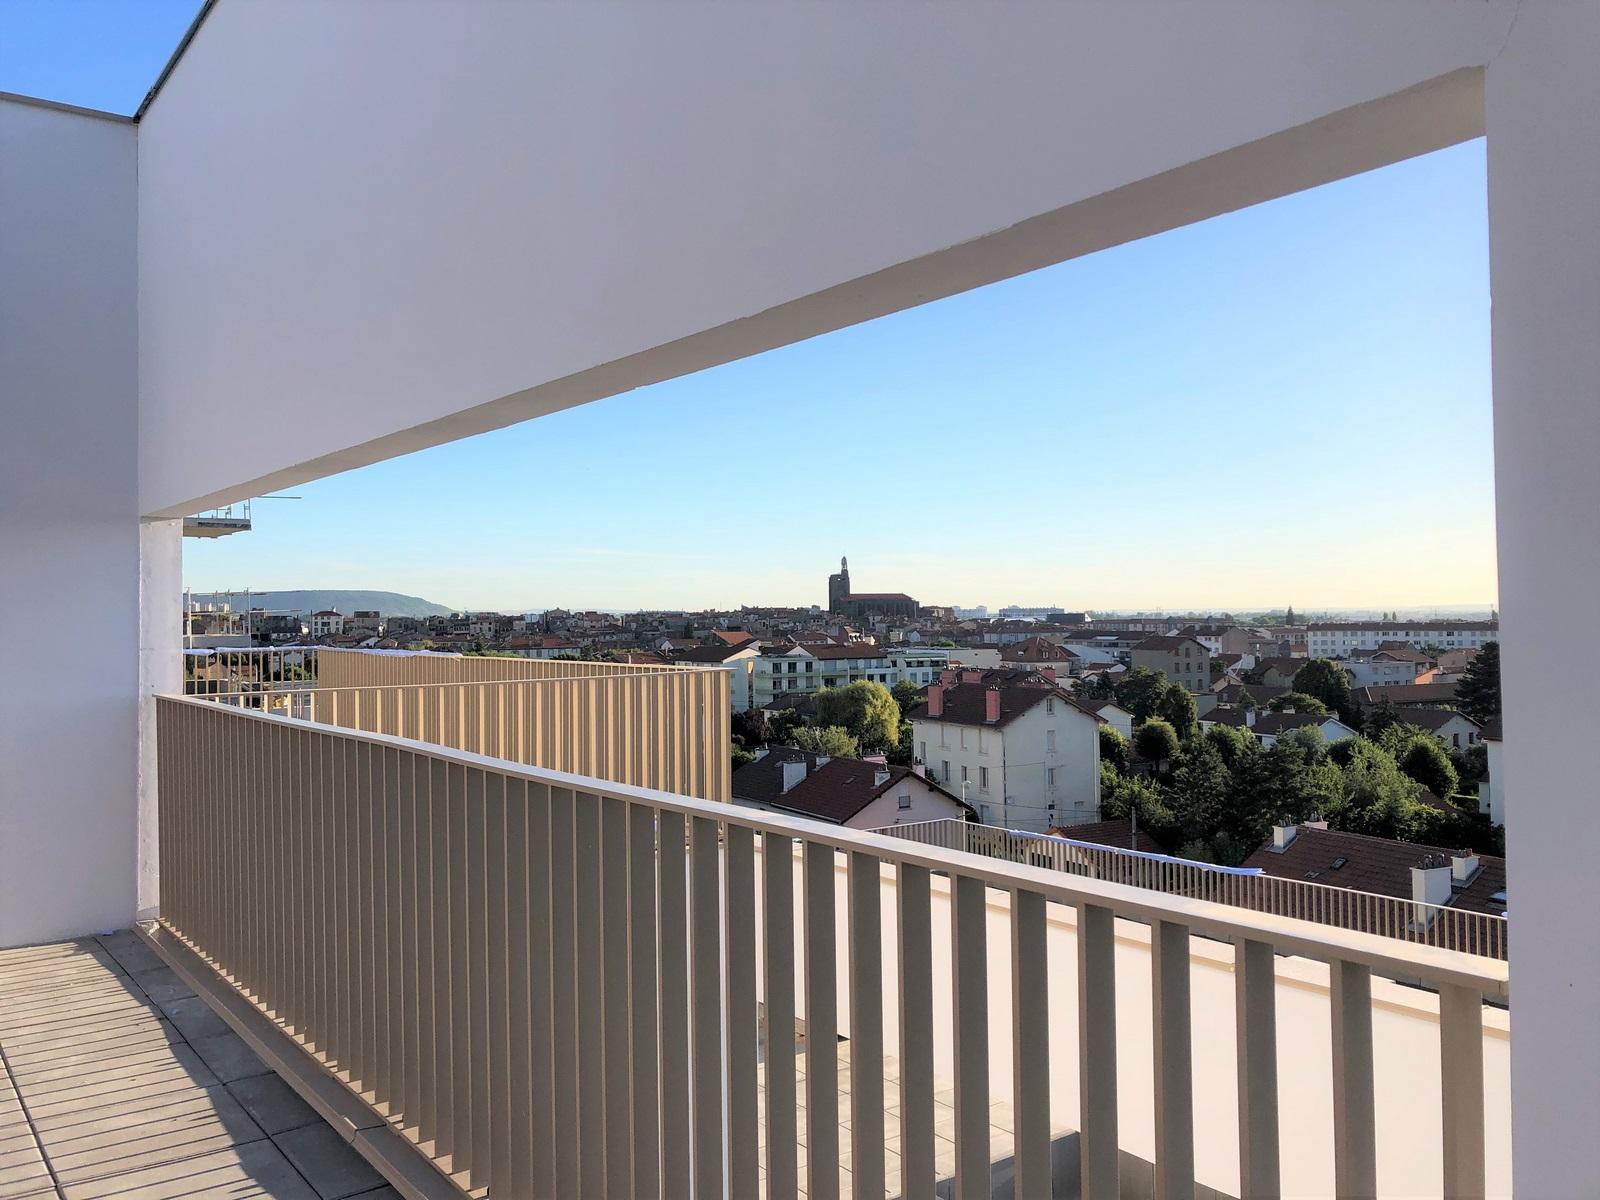 Logements collectifs et résidence étudiante - Franc-Rosier - Clermont-Ferrand - Z Architecture